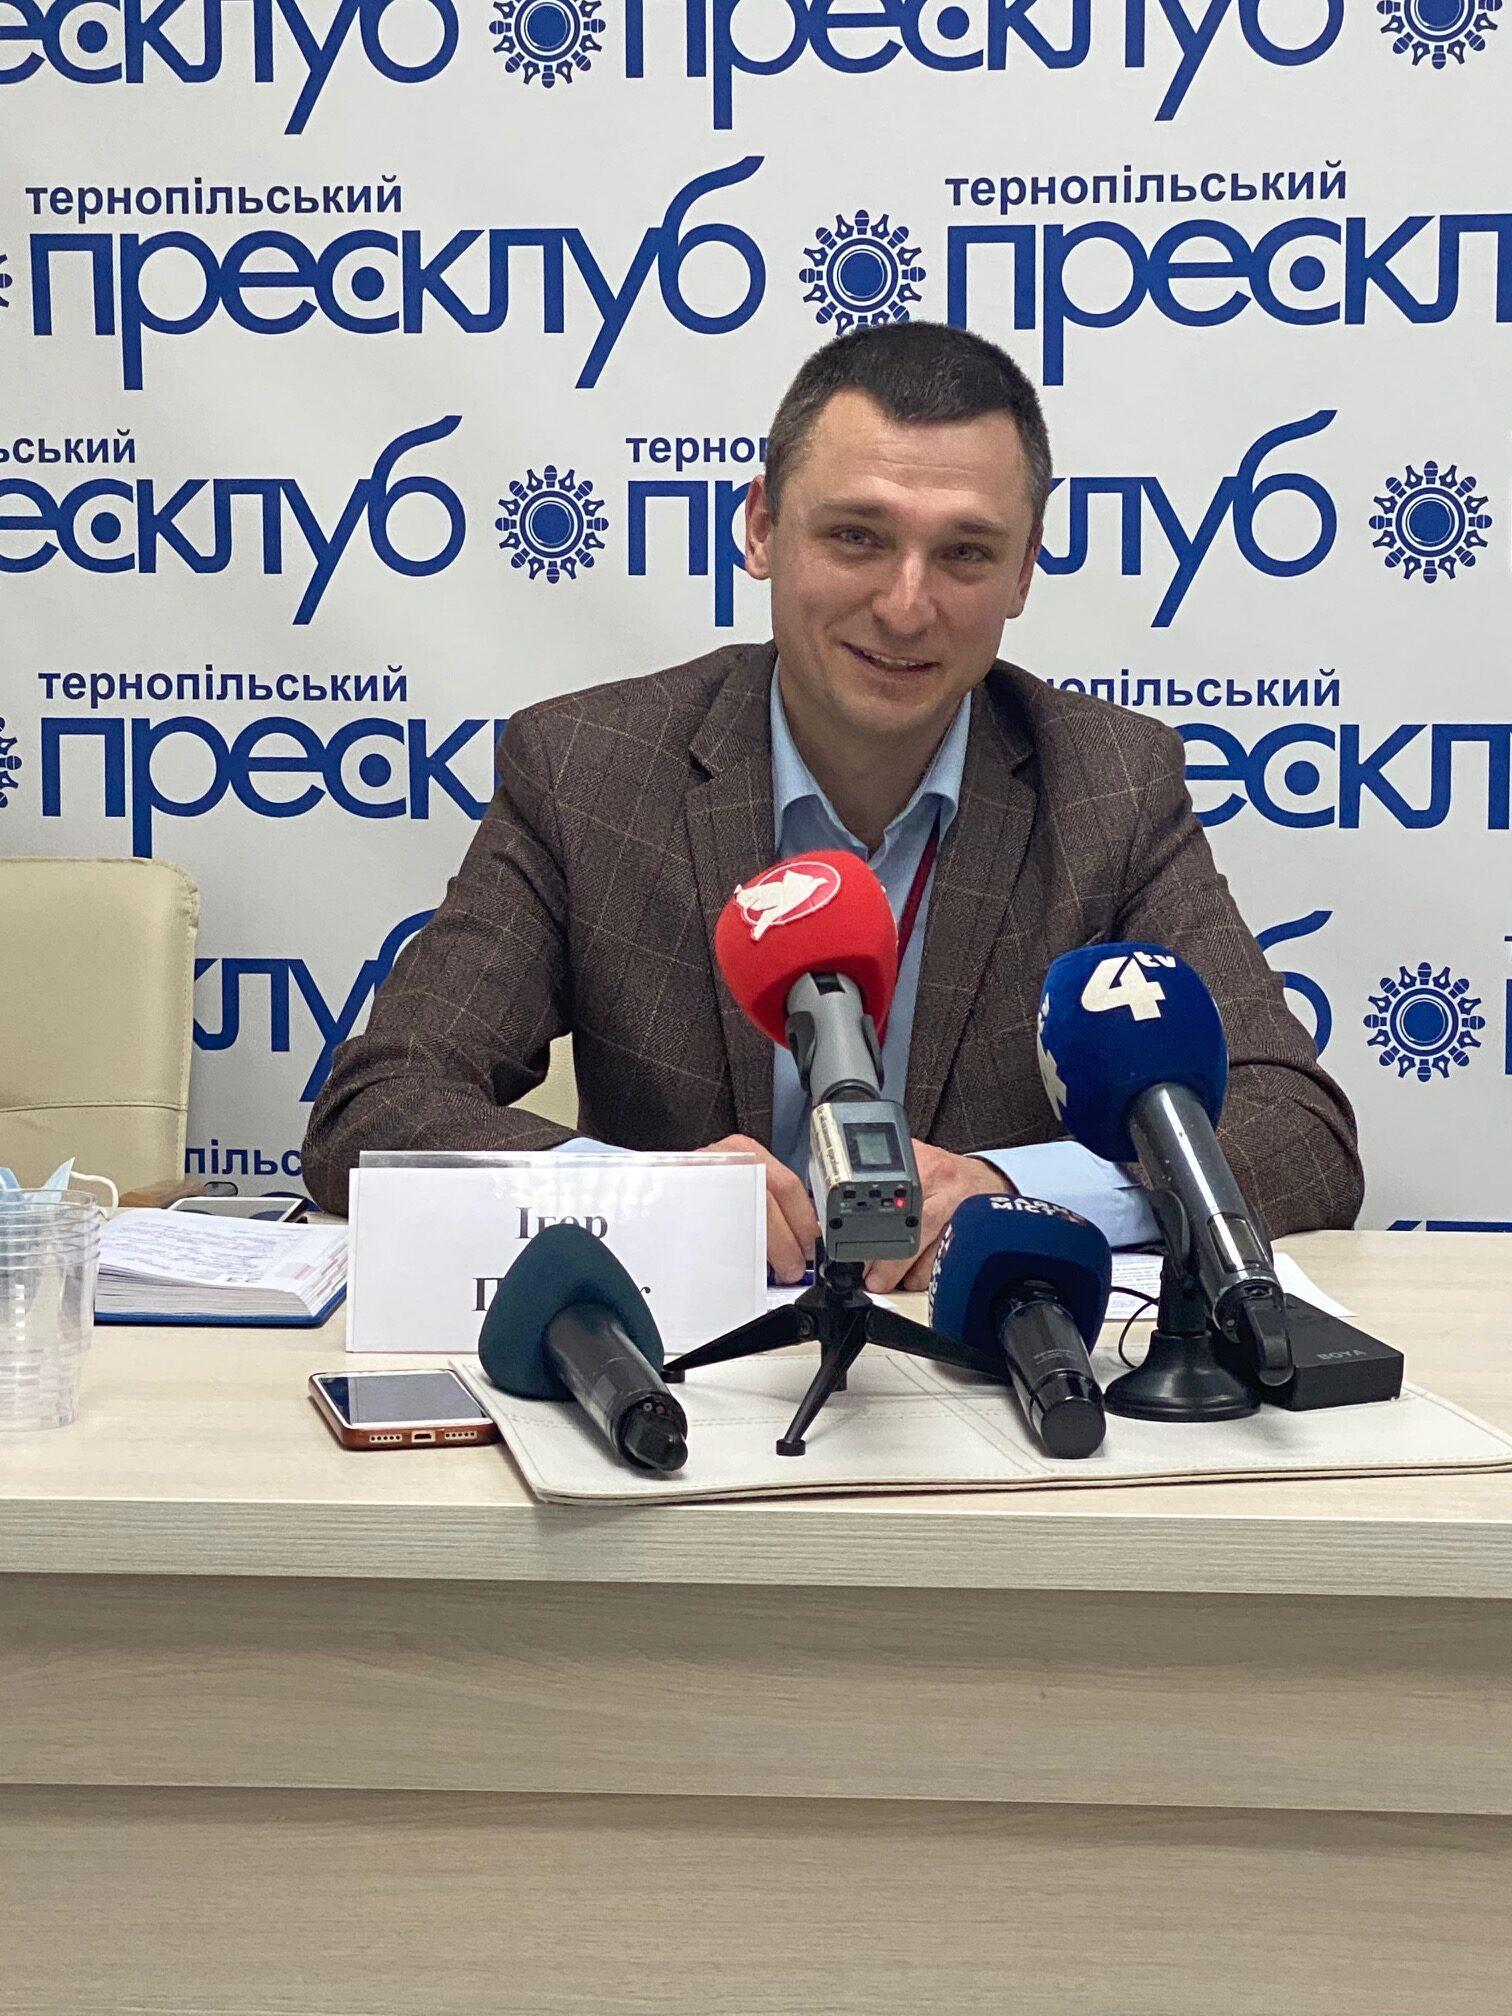 Підсумковий захід «Оцінка дня голосування та підрахунку голосів на місцевих виборах-2020 в Тернопільській області»